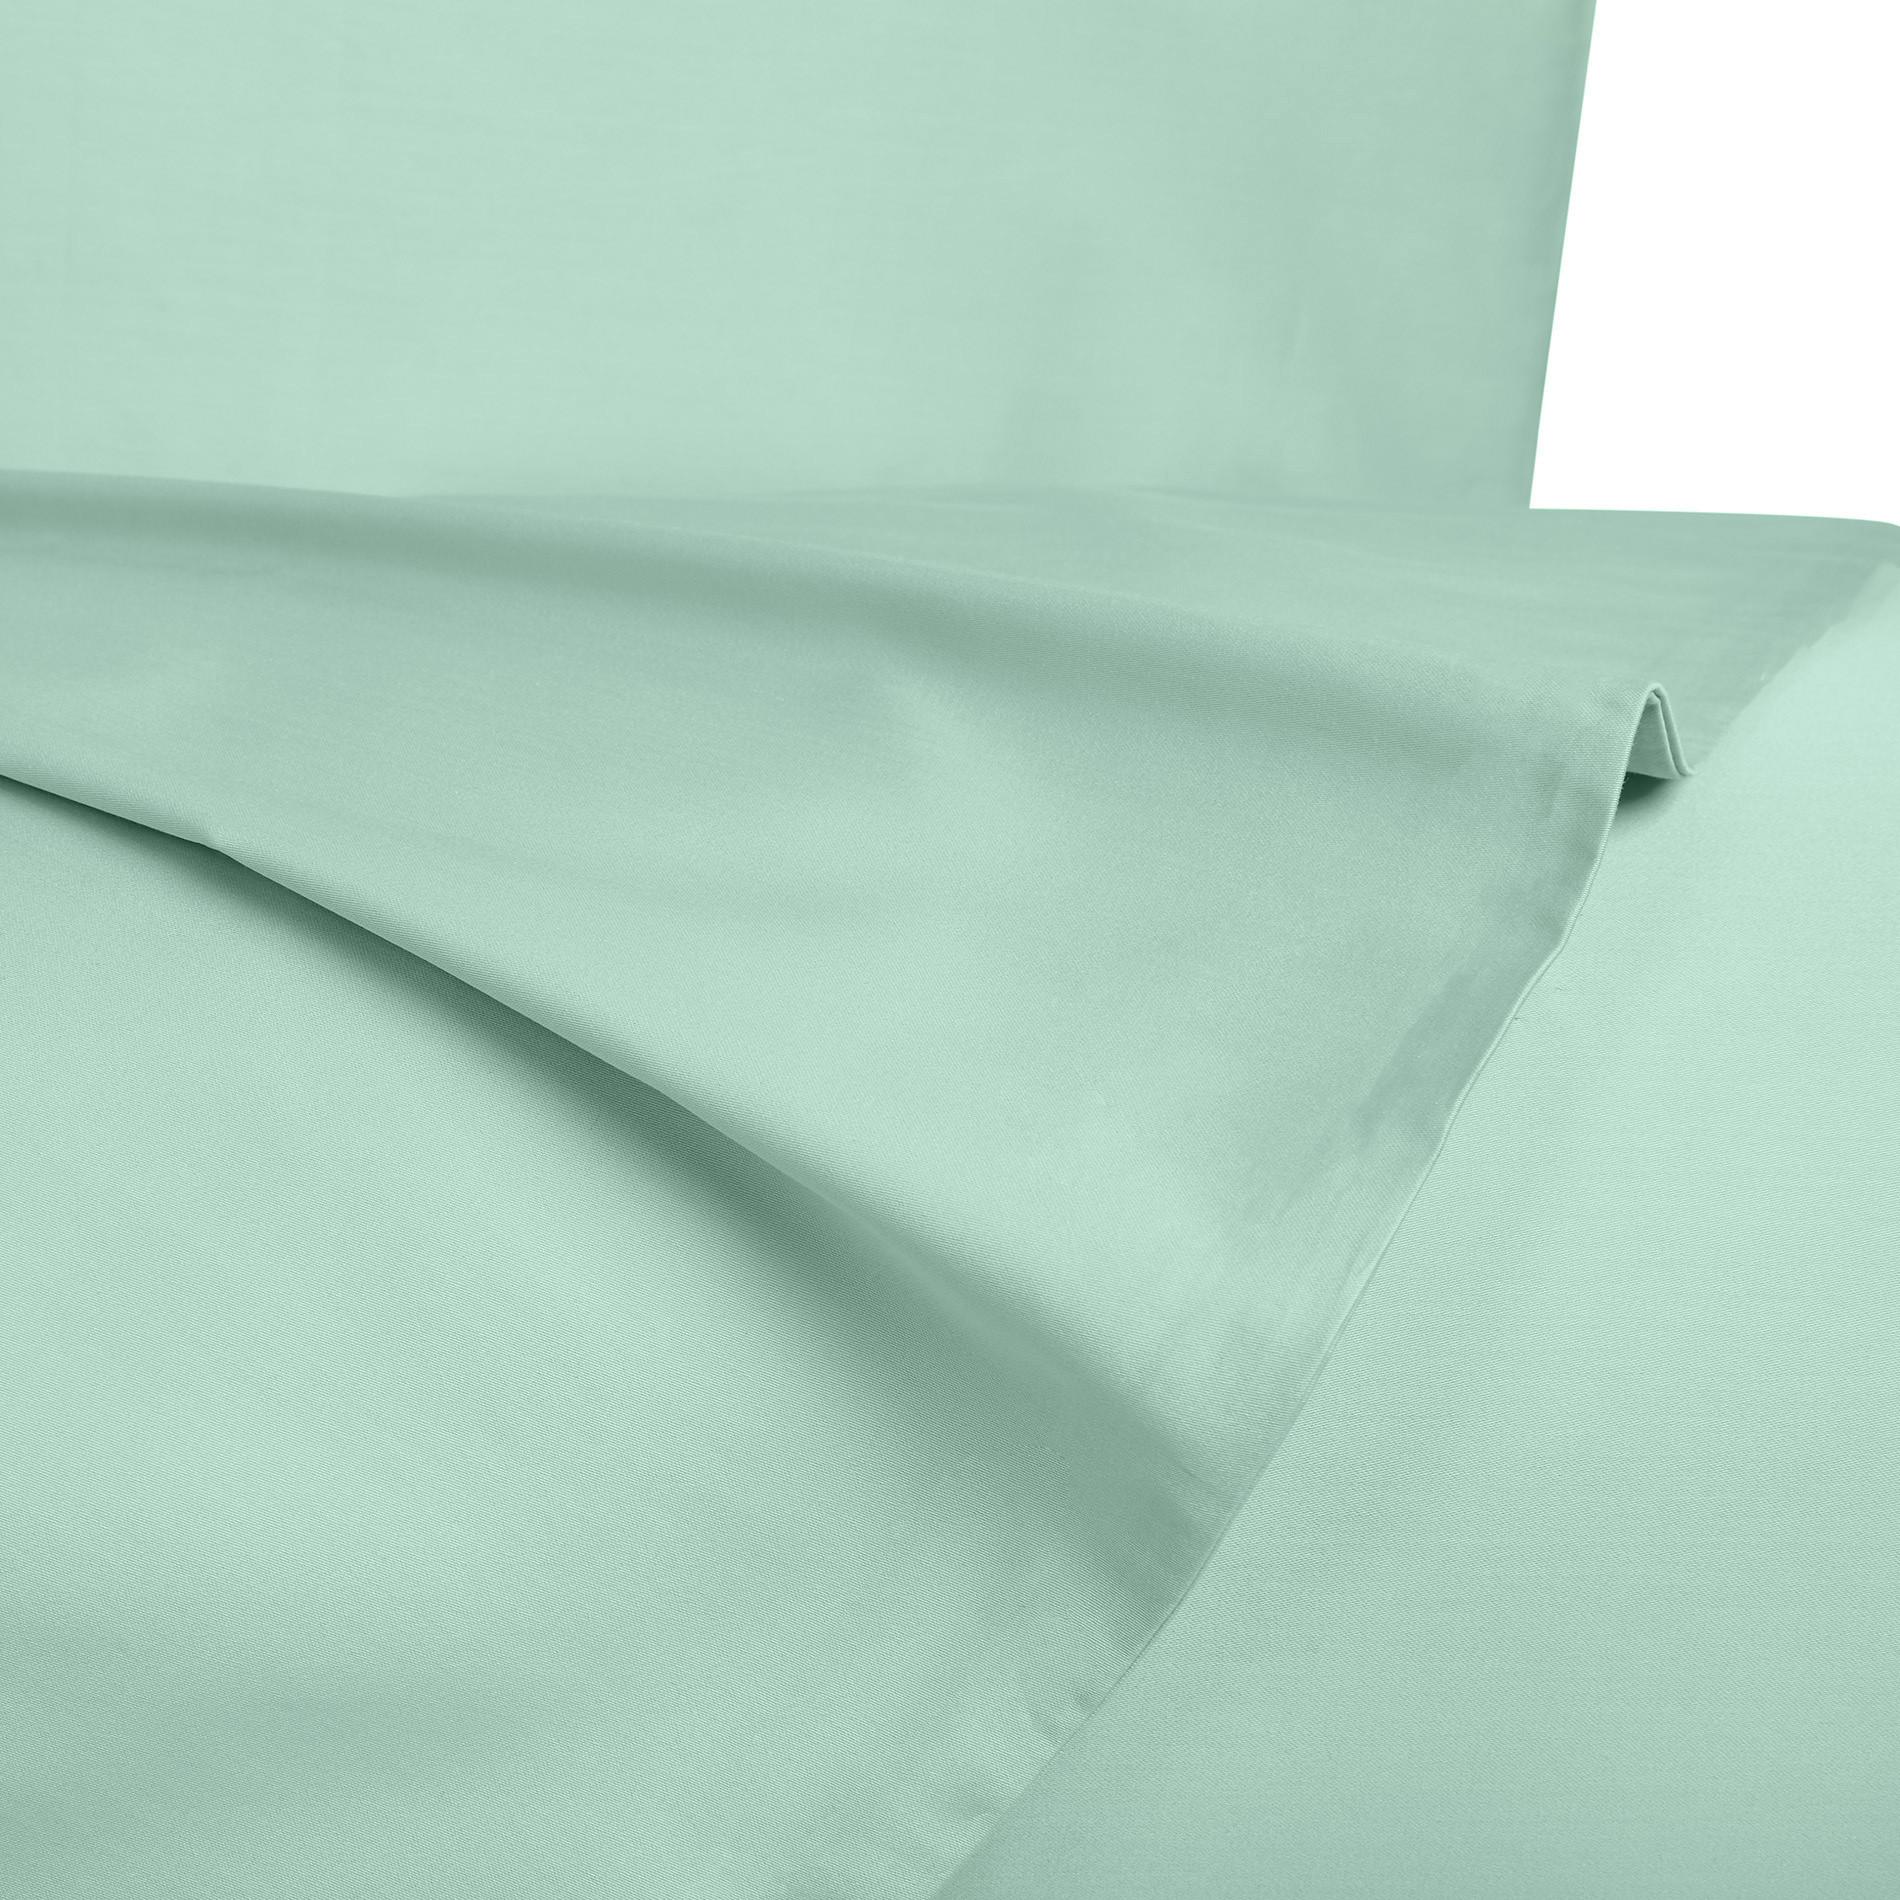 Parure copripiumino raso di puro cotone Zefiro, Verde acqua, large image number 1